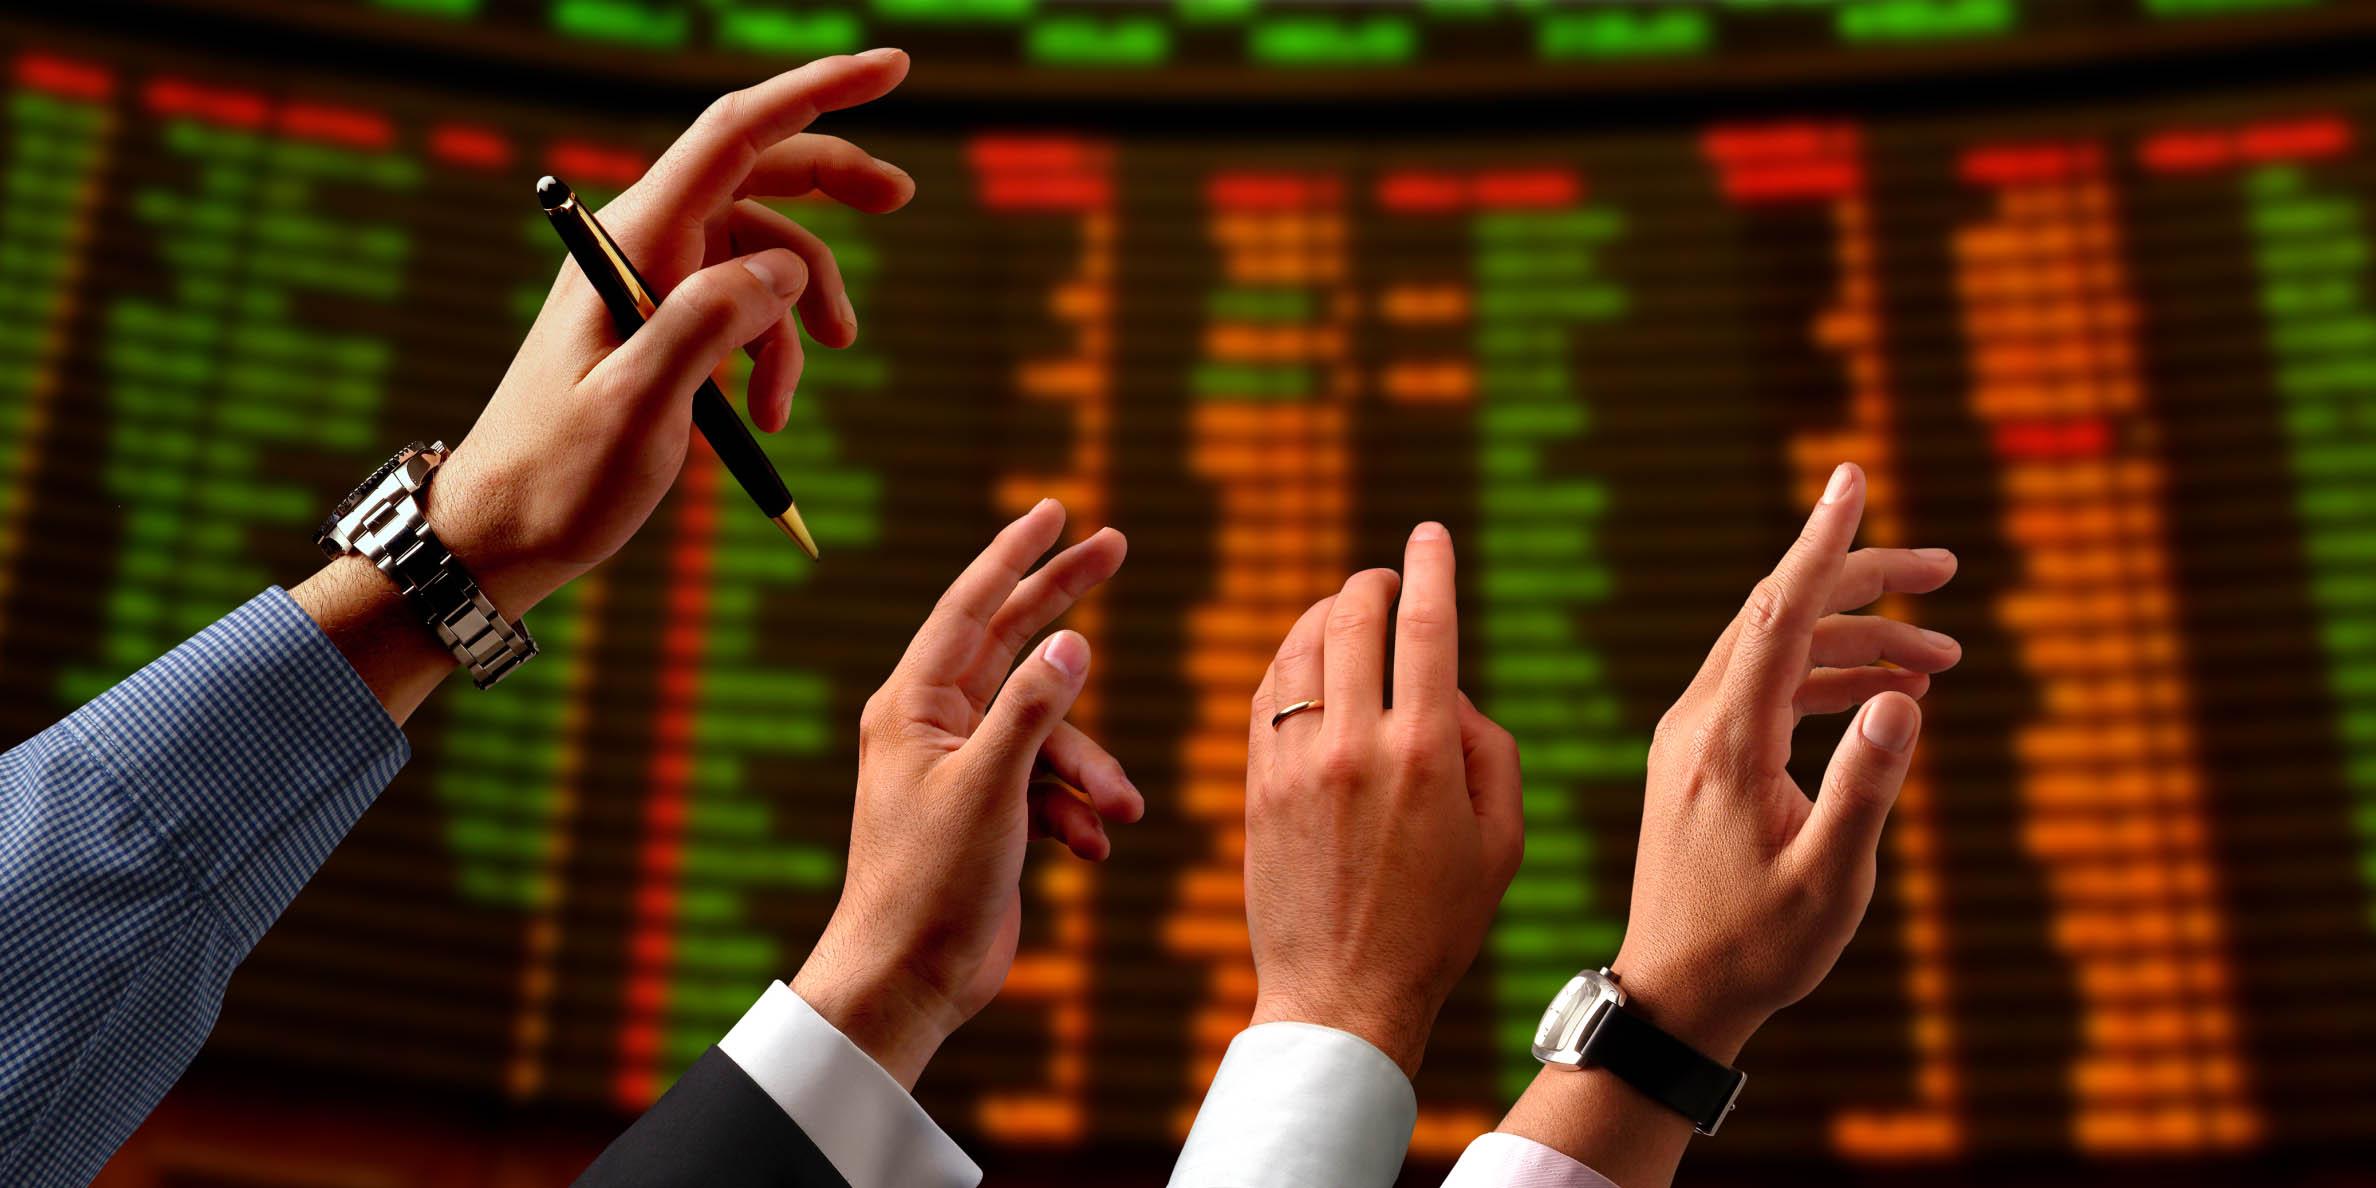 بیمناکی سهامداران از بانکداران/آینده شاخص با گشایش نماد بانکها